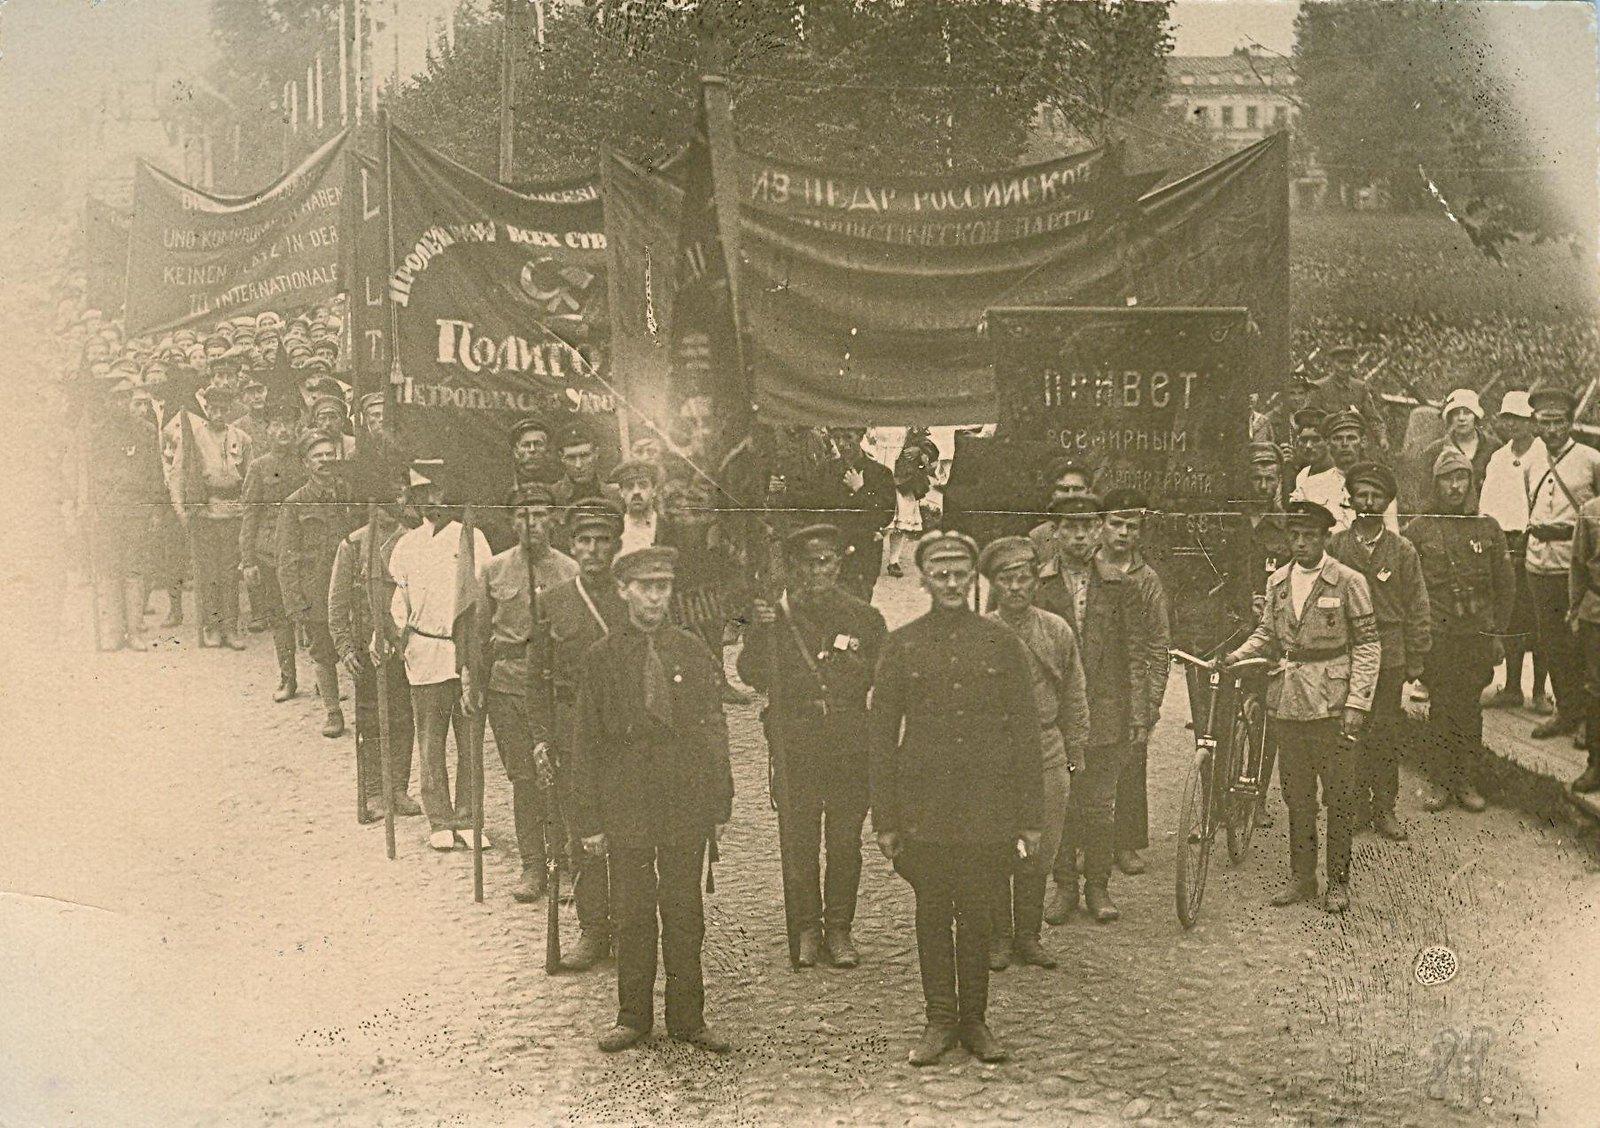 18. 1920. 19 июля. В день торжественного открытия II конгресса Коминтерна у Смольного